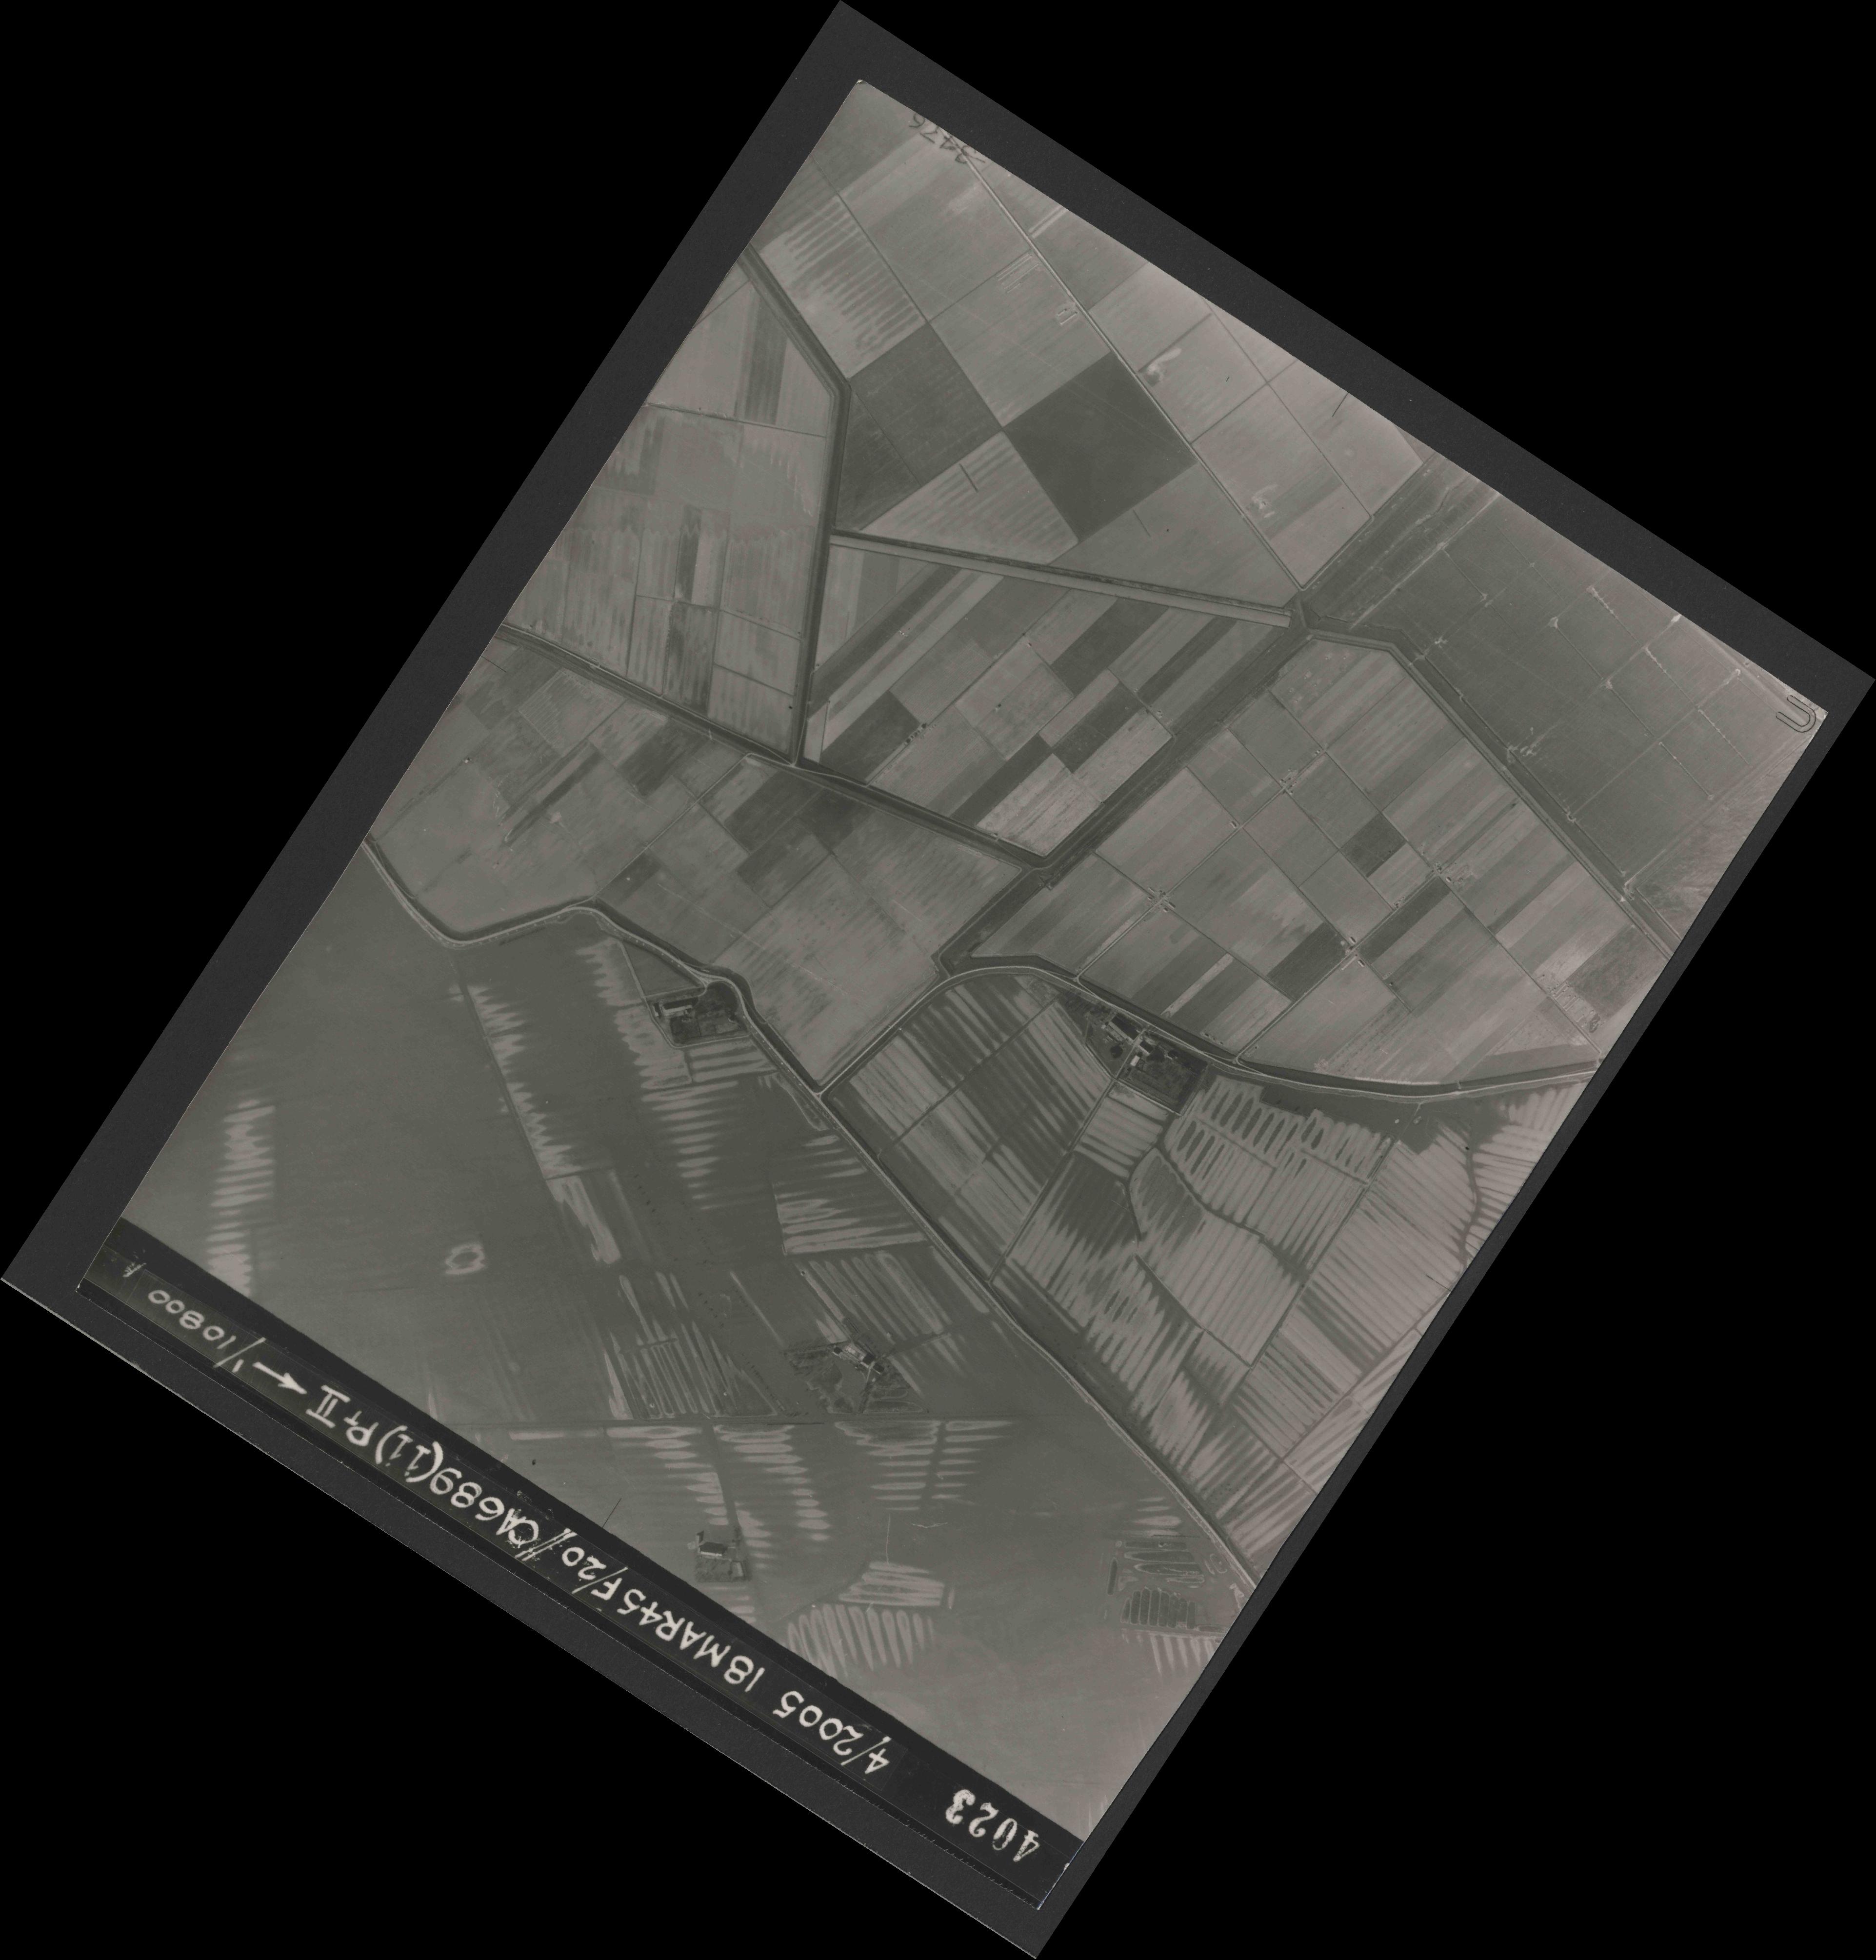 Collection RAF aerial photos 1940-1945 - flight 080, run 05, photo 4023